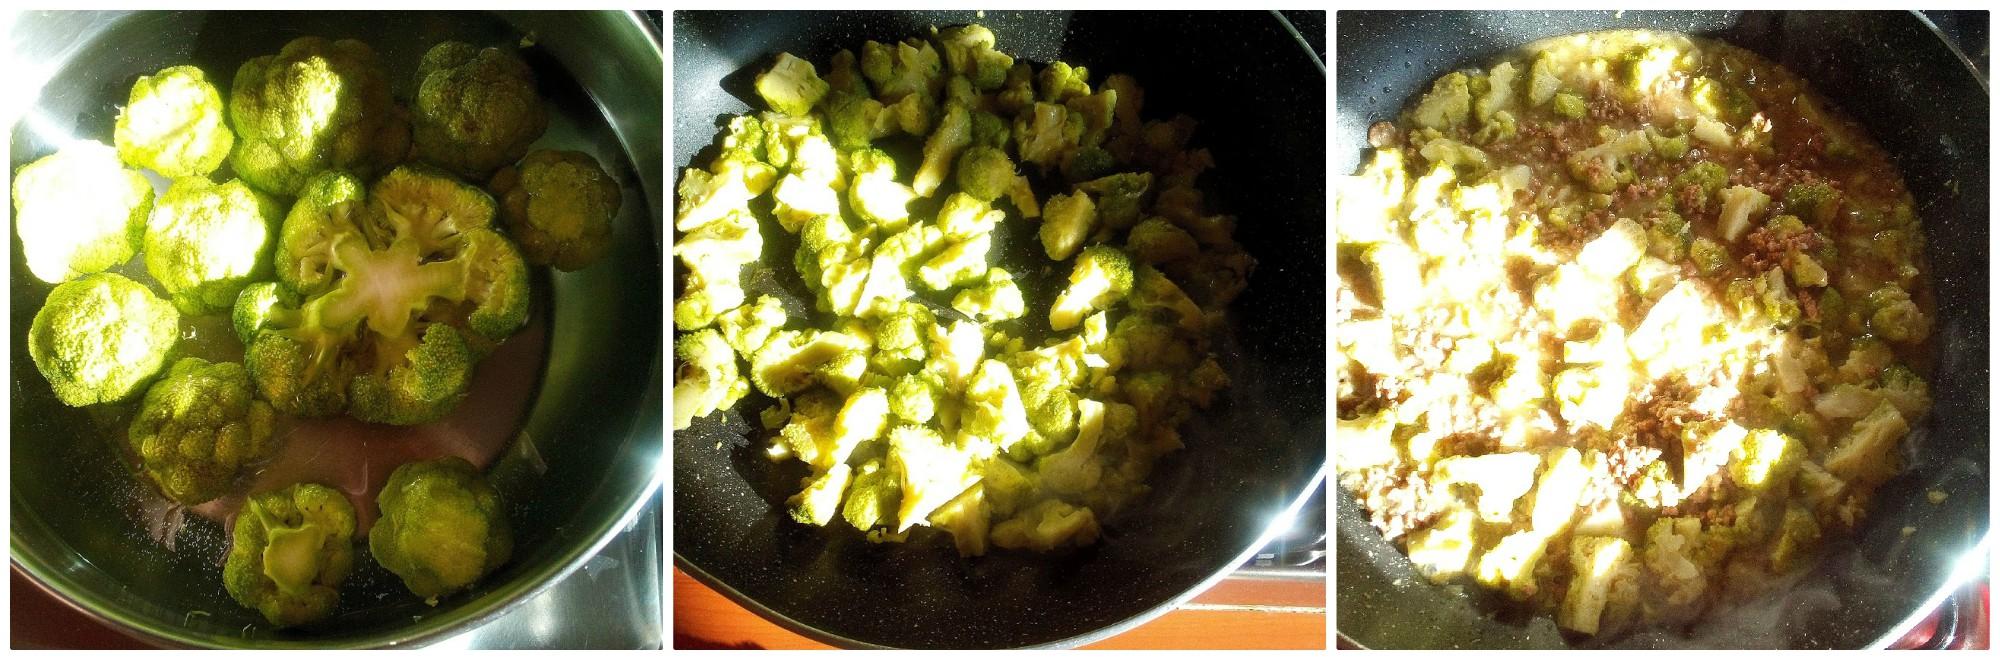 pasta con ragù bianco e broccoletti c2